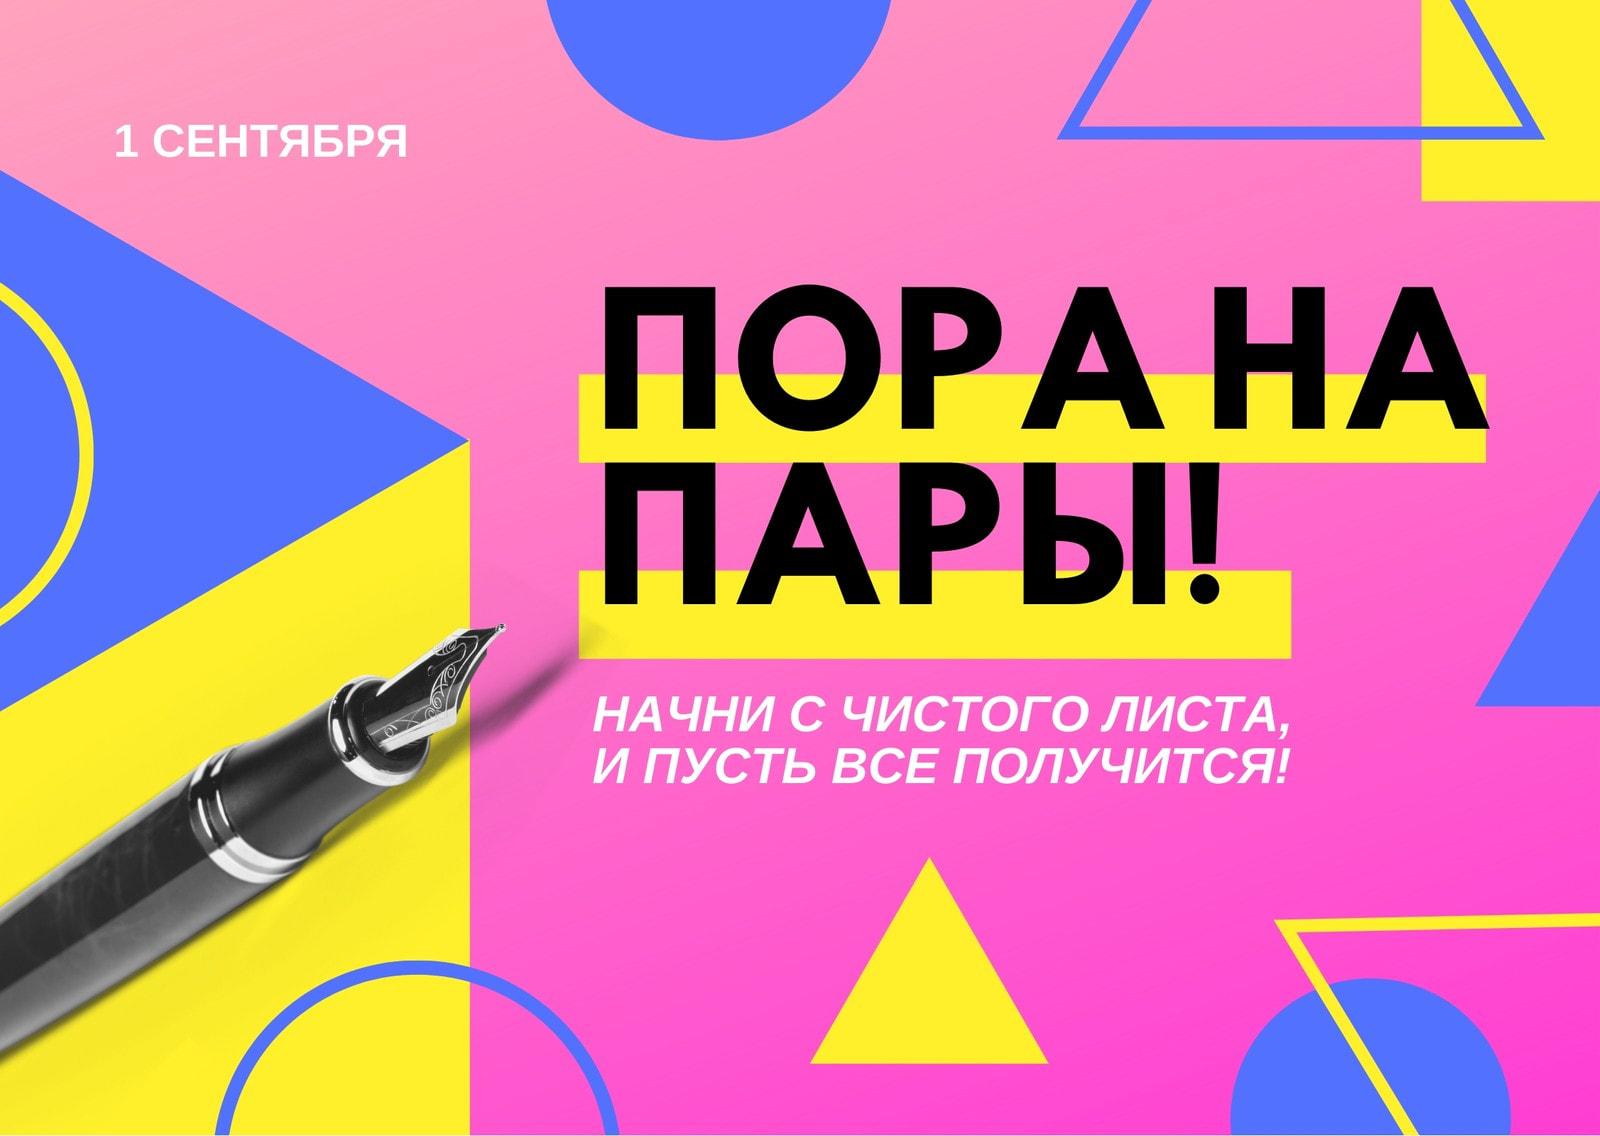 Цветная открытка на первое сентября с геометрическим рисунком